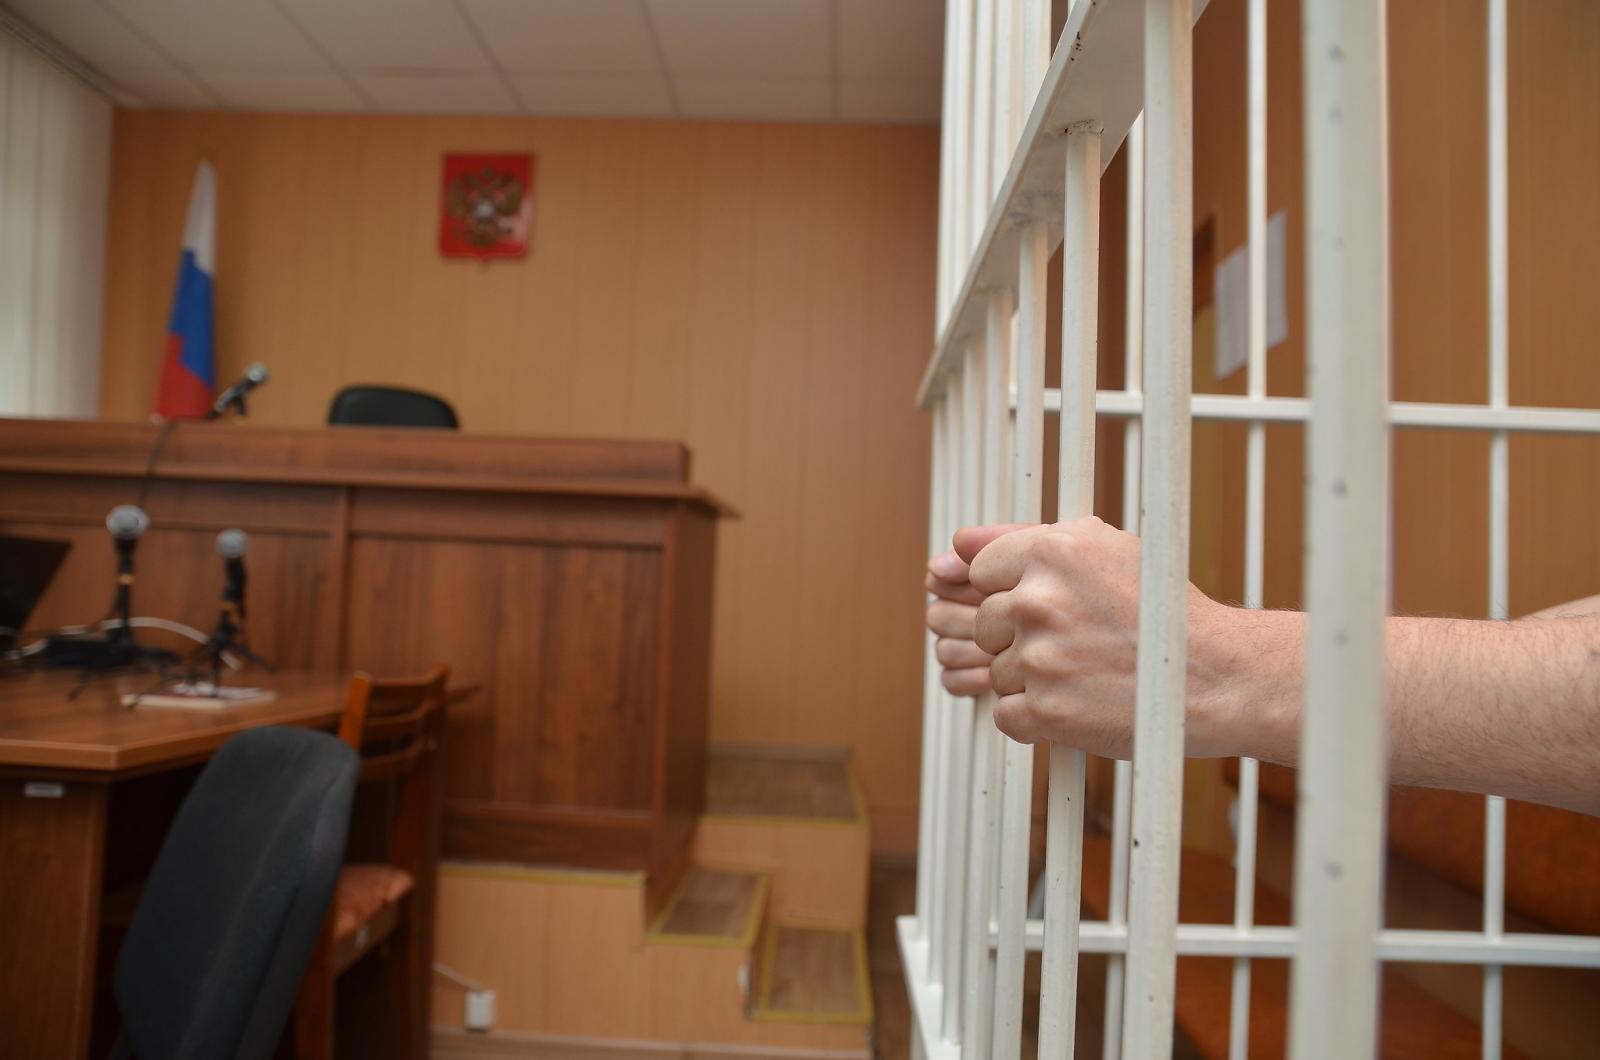 Жителя Злынковского района осудили за незаконное приобретение наркотиков